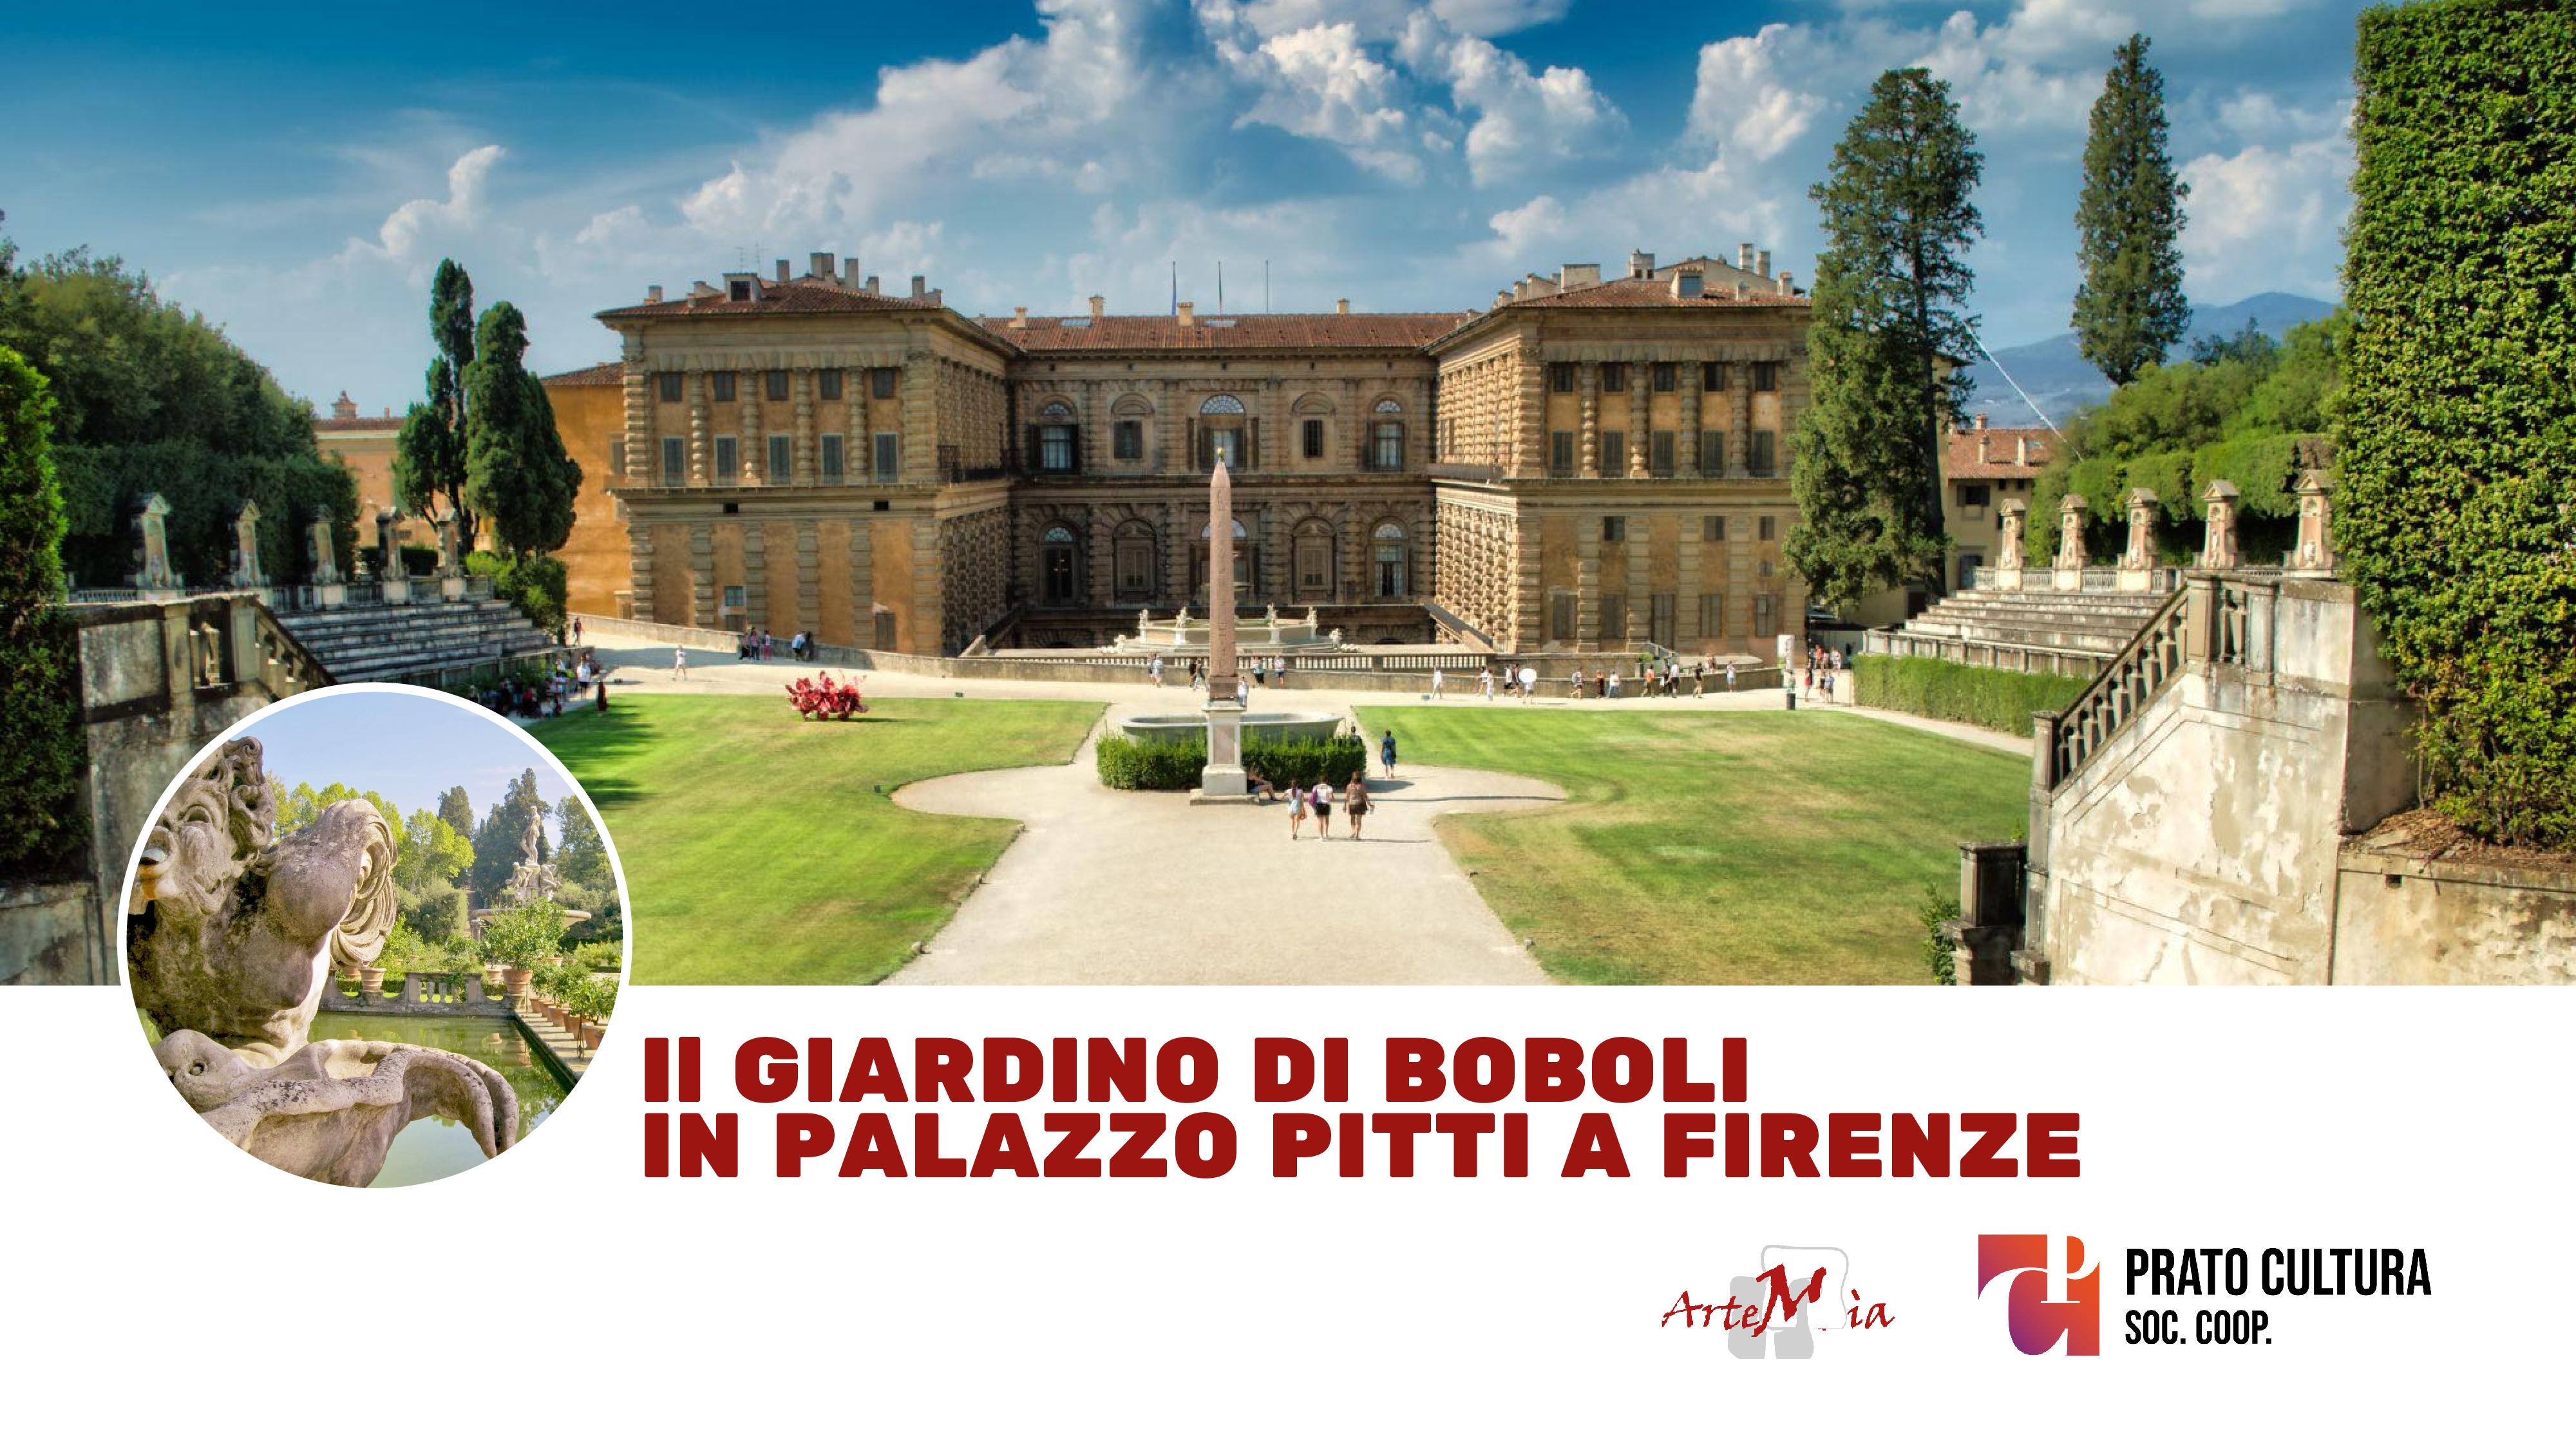 Visita: Il giardino di Boboli in Palazzo Pitti a Firenze